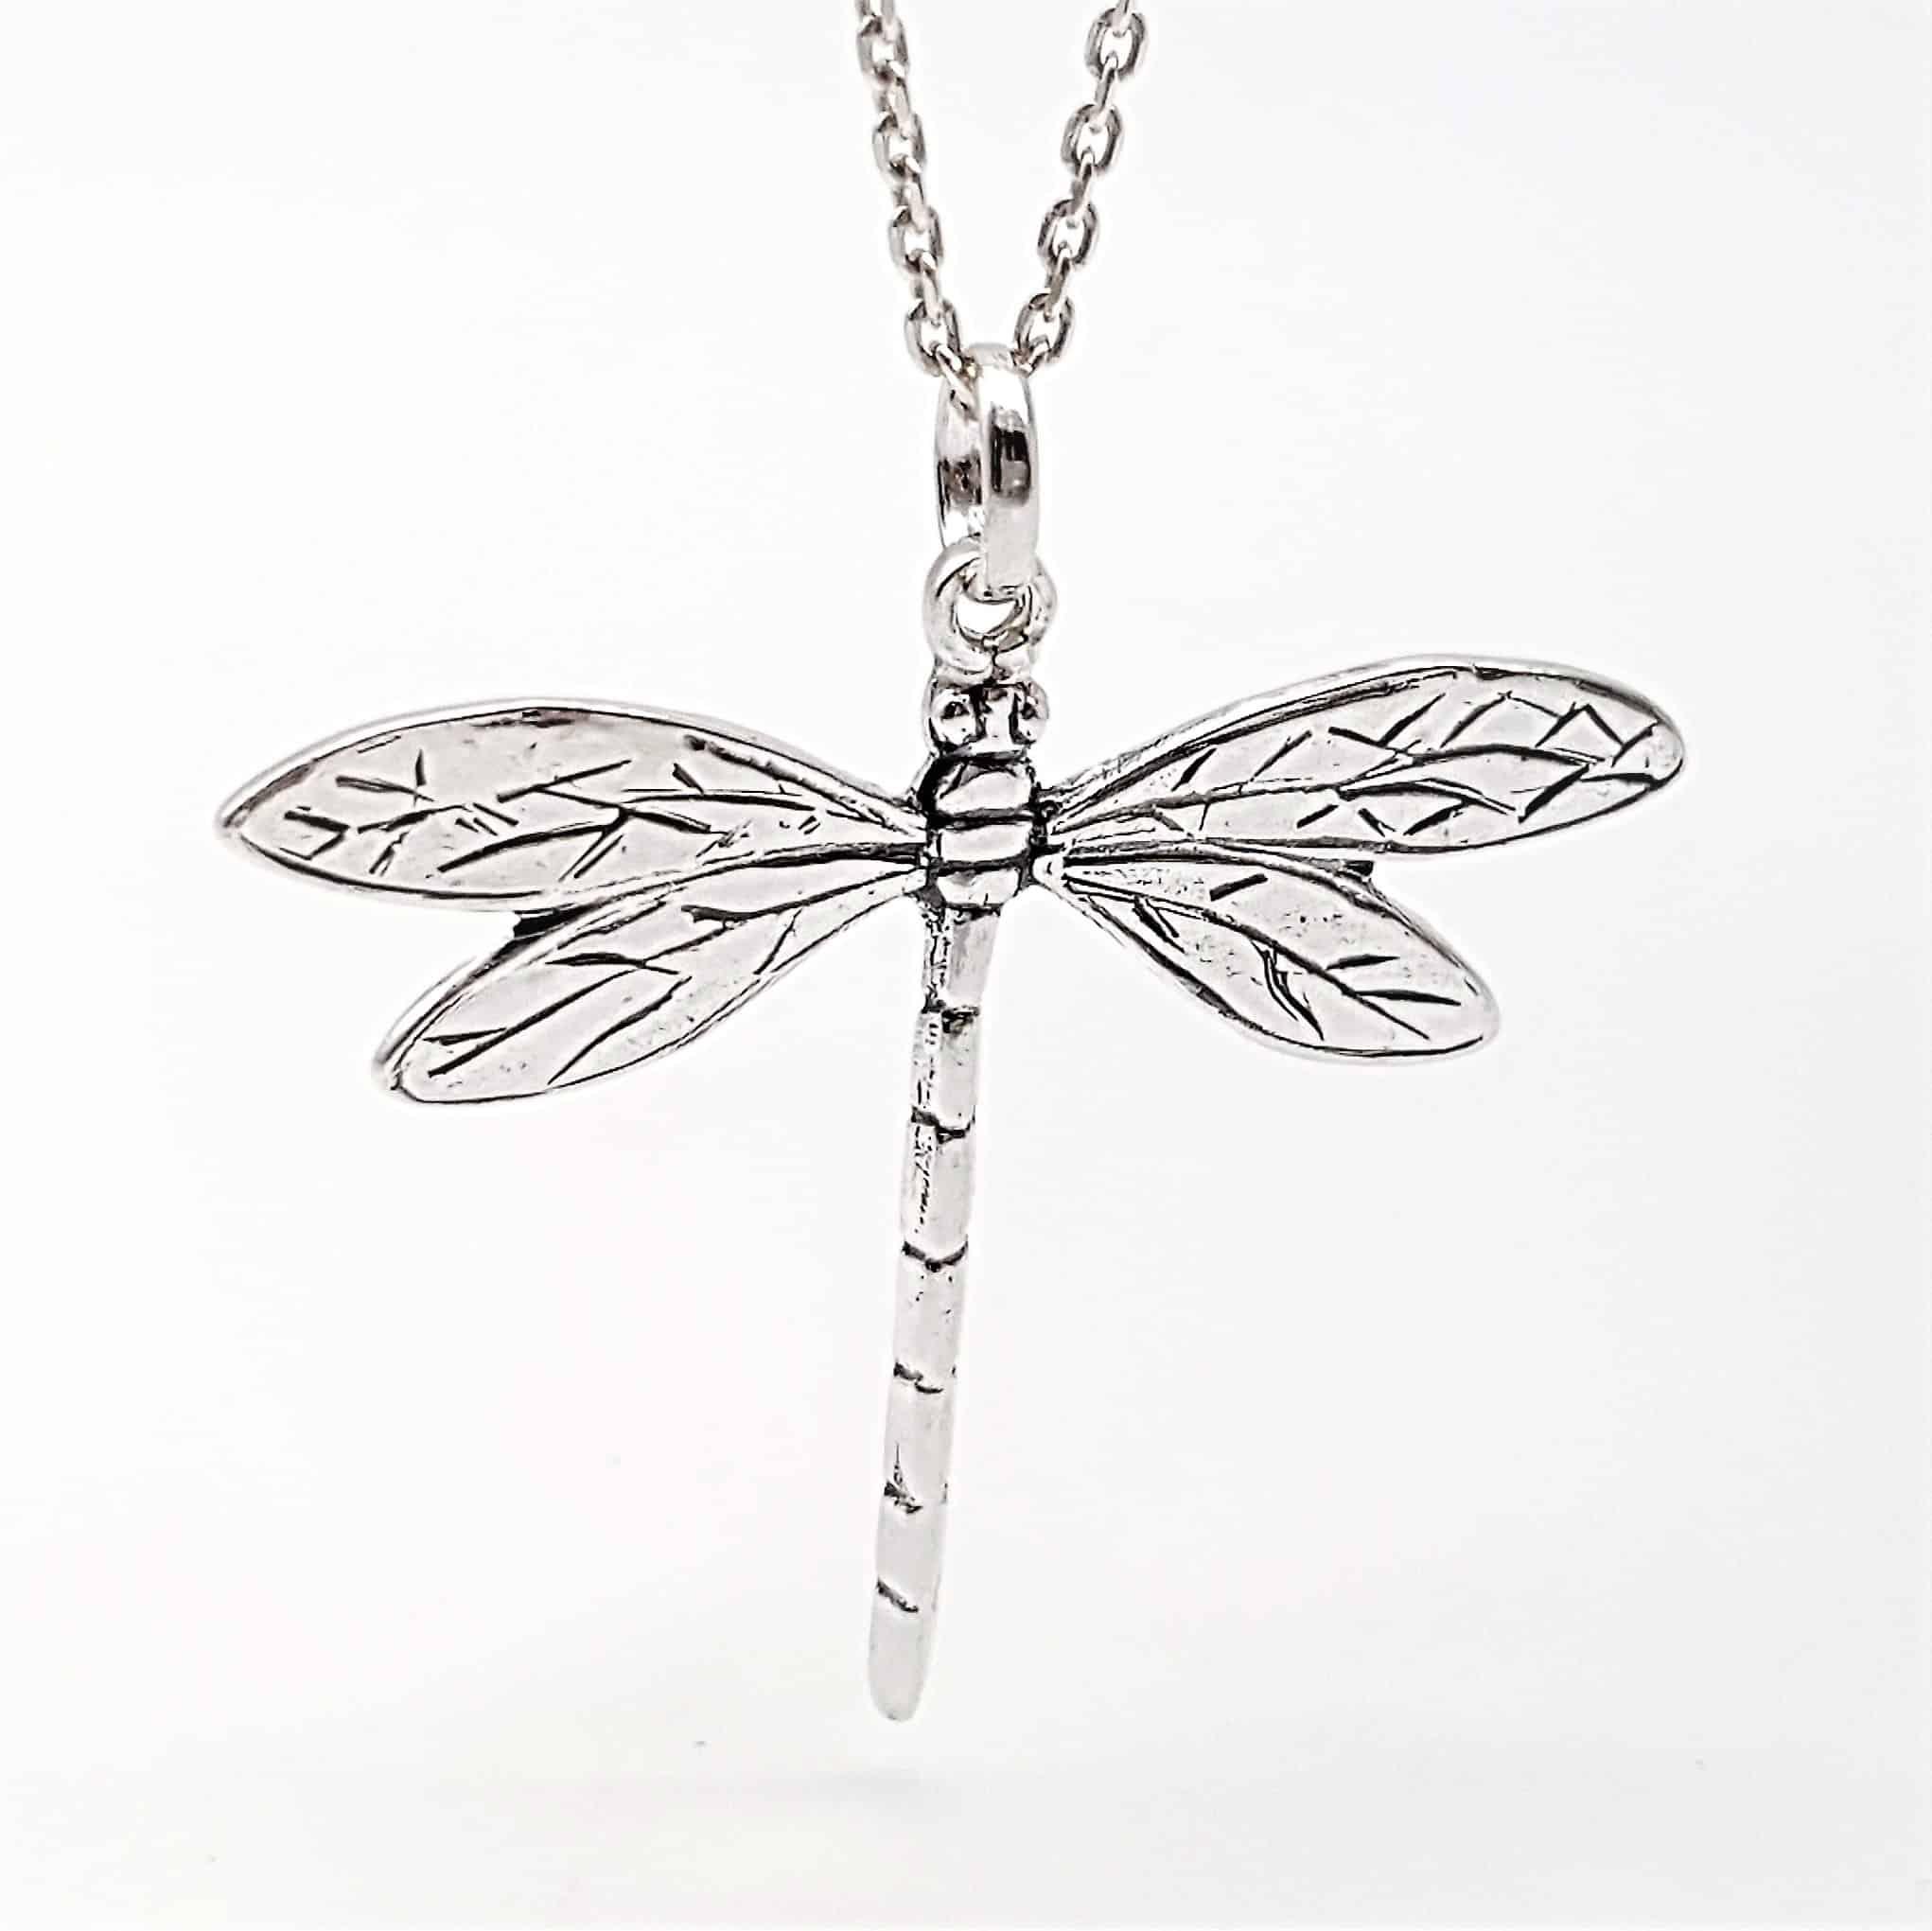 Colgante libélula (1)